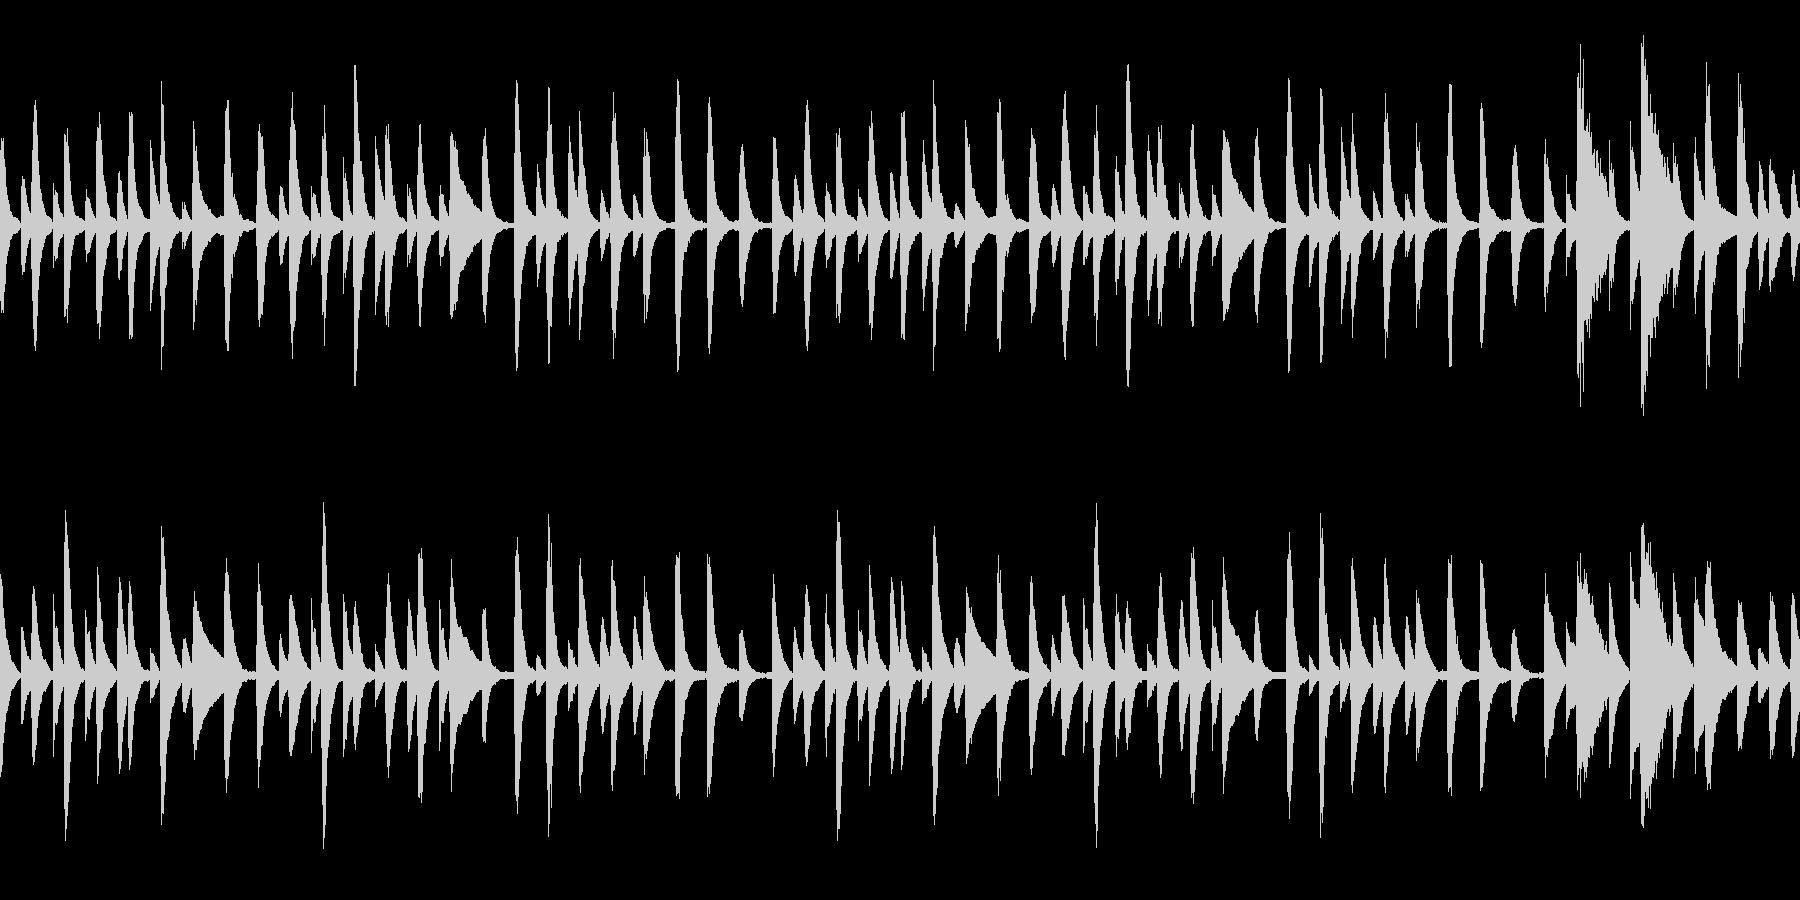 童謡「あめふり」ループ仕様ピアノソロの未再生の波形